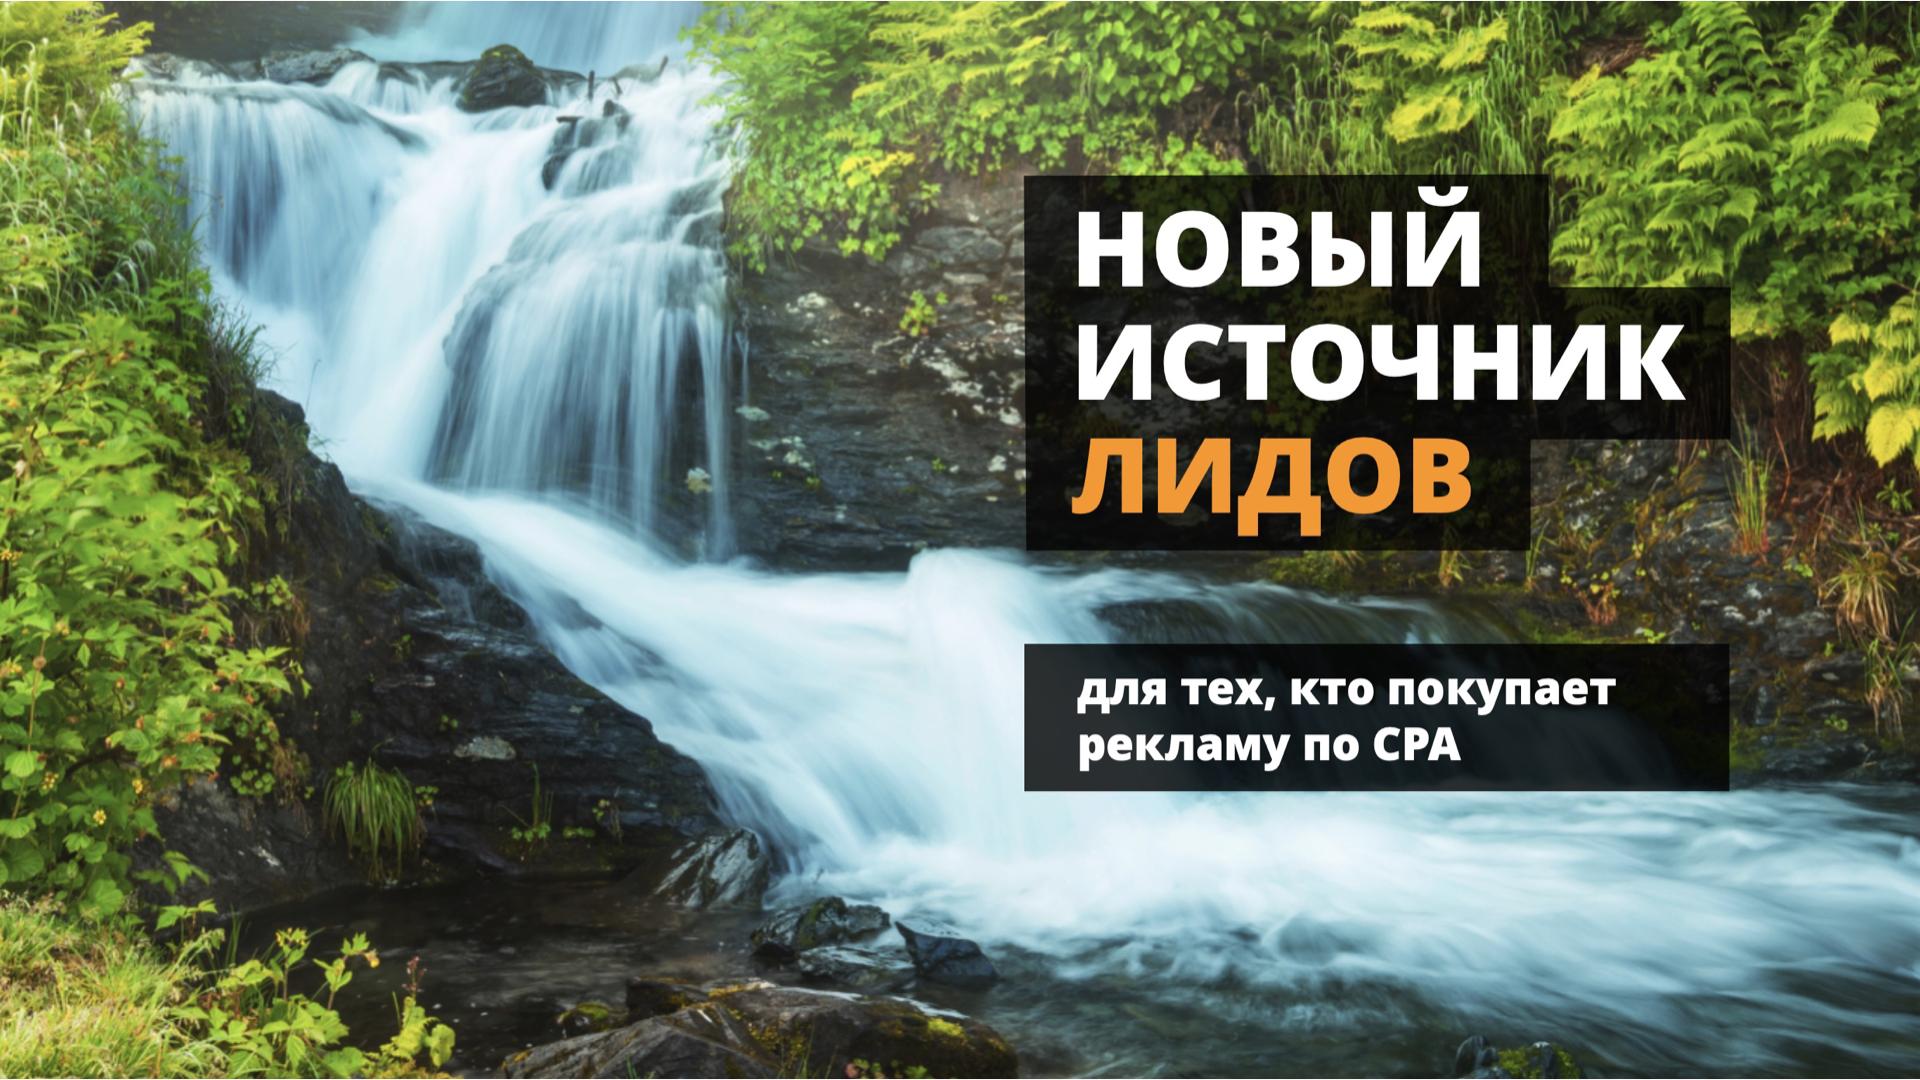 Кейс «Создание презентации без спикера об услугах Easylead.ru»